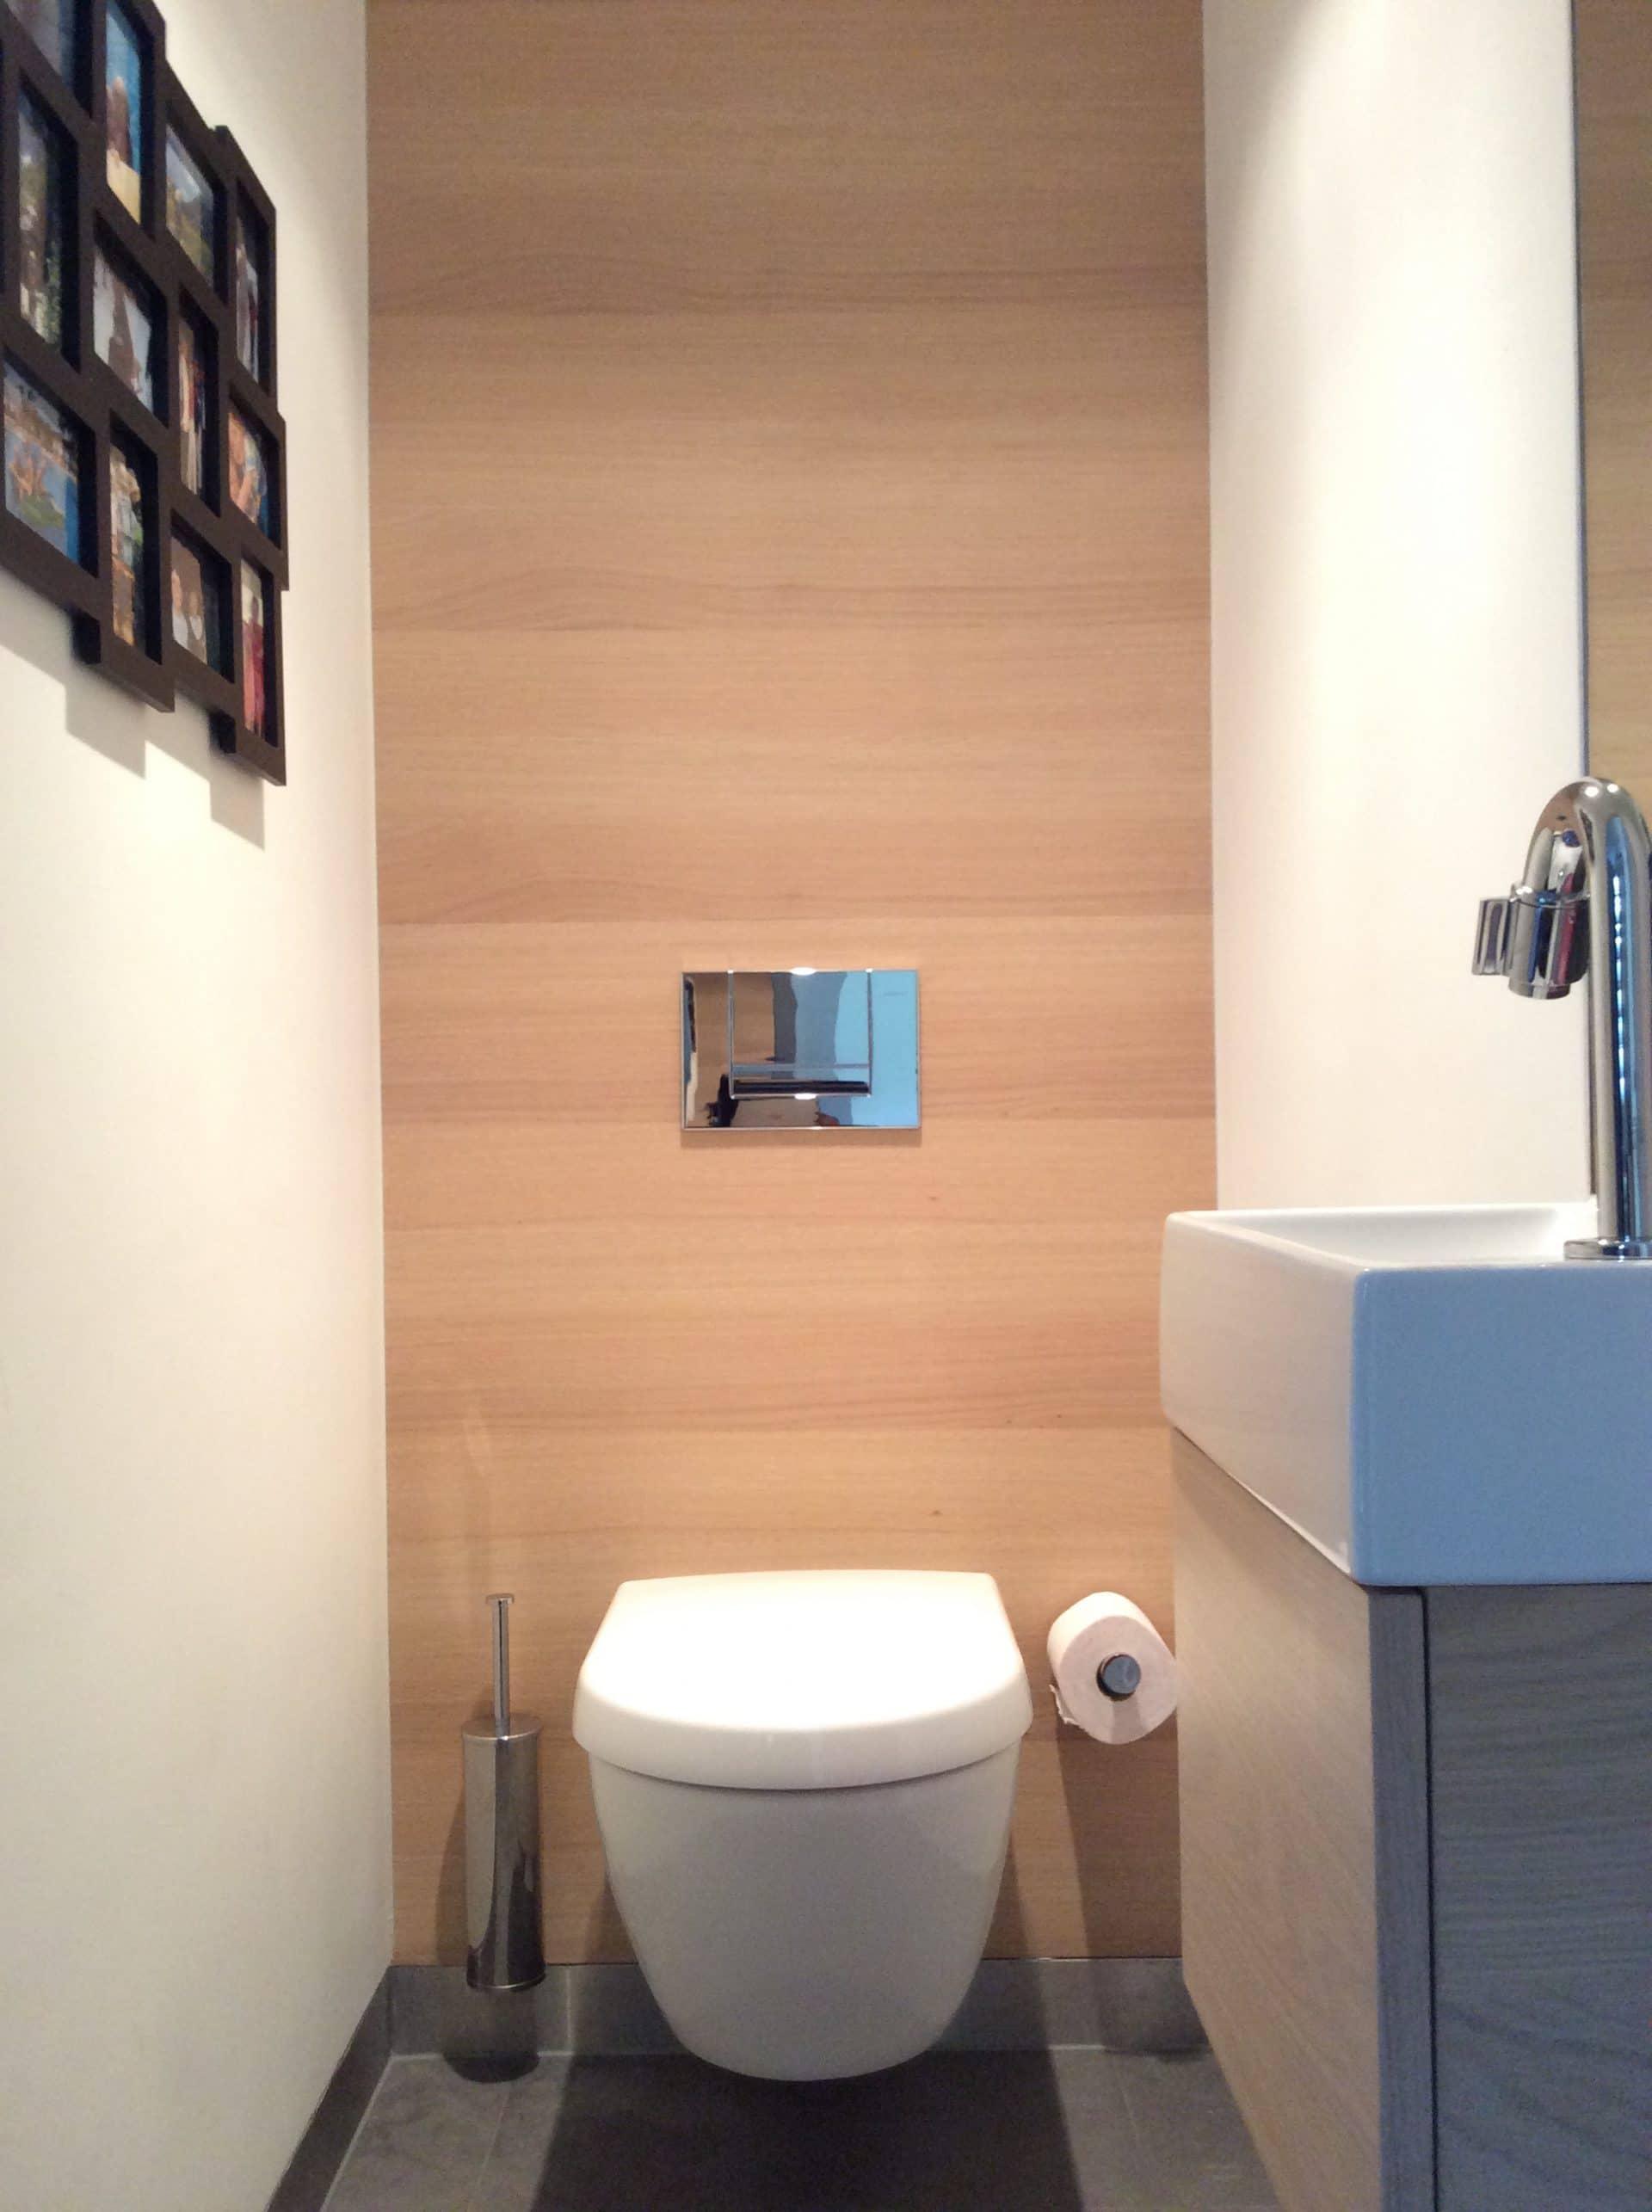 flyer nieuwbpow toilet